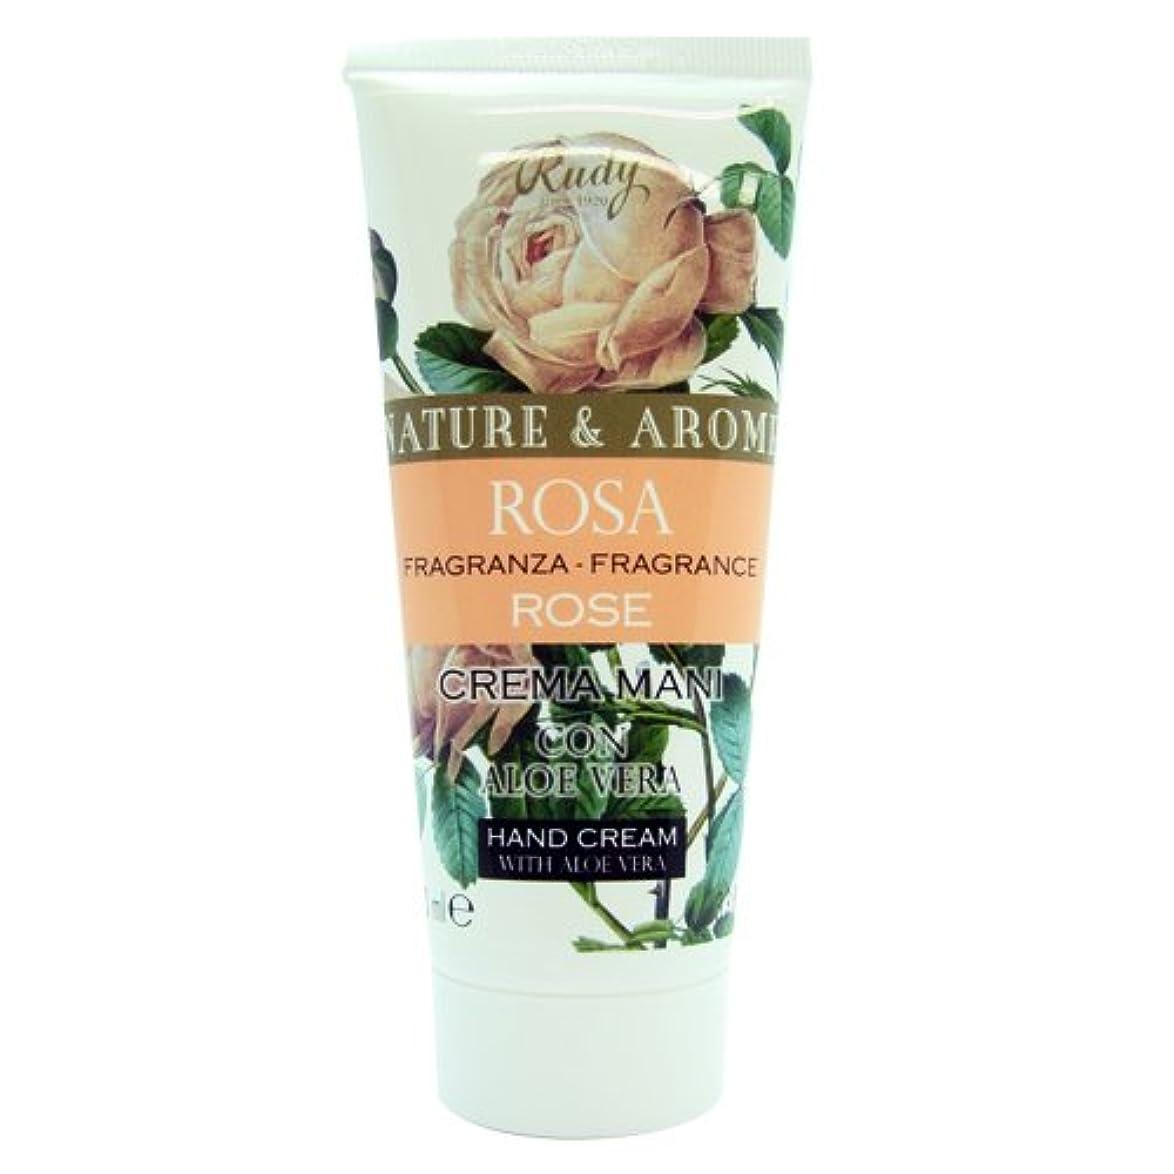 争いウルルわずらわしいRUDY Nature&Arome SERIES ルディ ナチュール&アロマ Hand Cream ハンドクリーム Rose ローズ